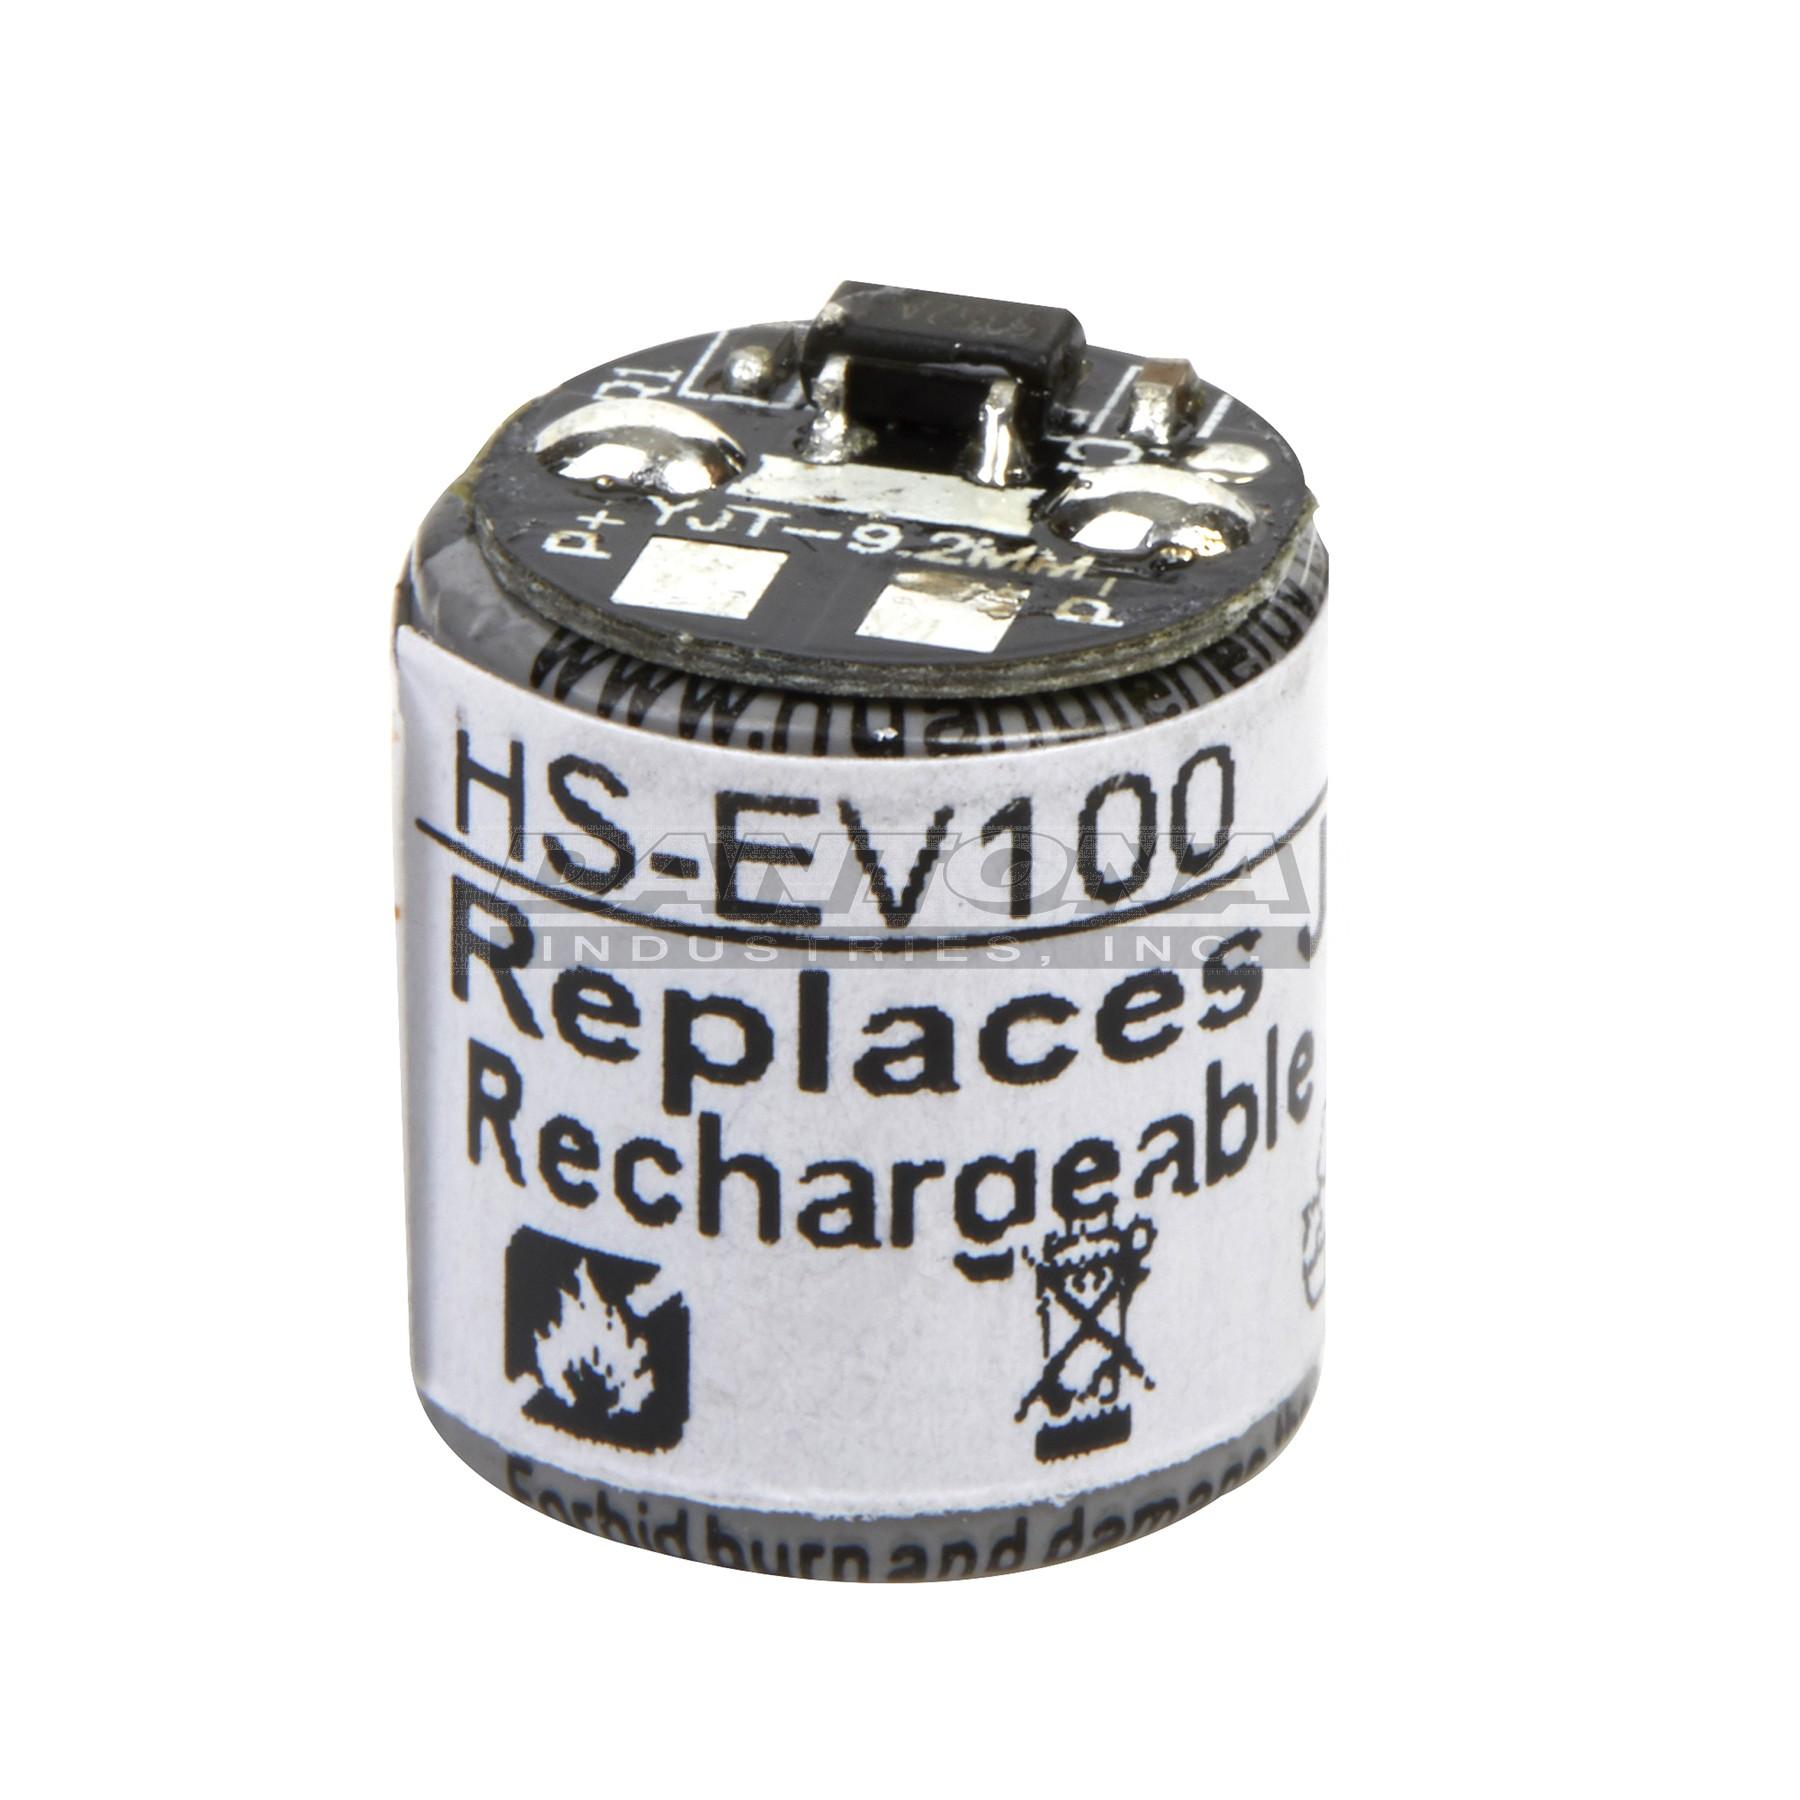 HS-EV100